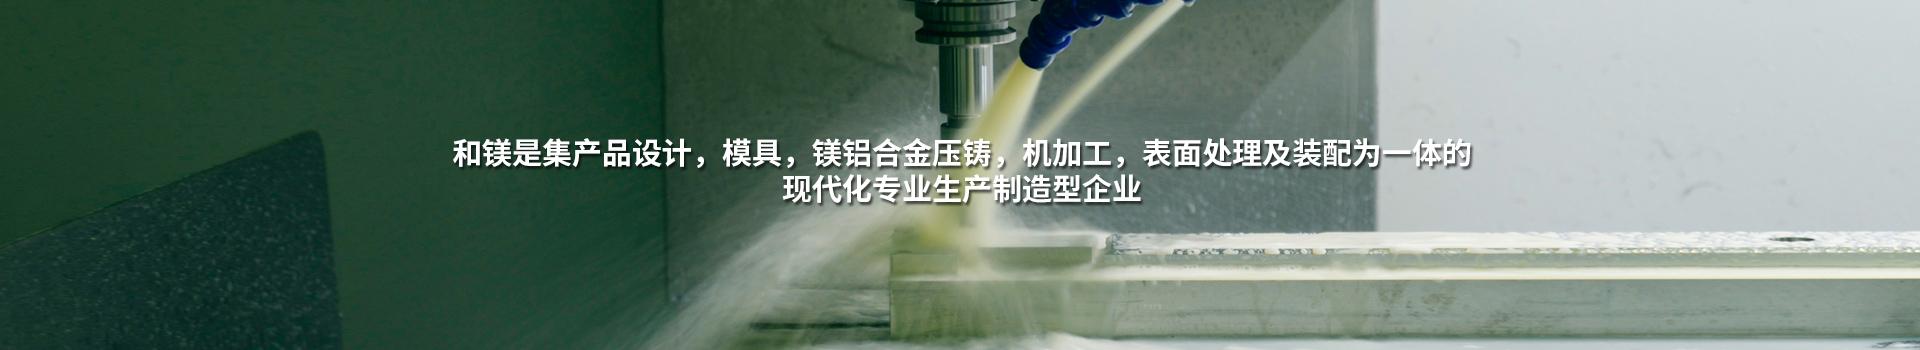 镁合金压铸